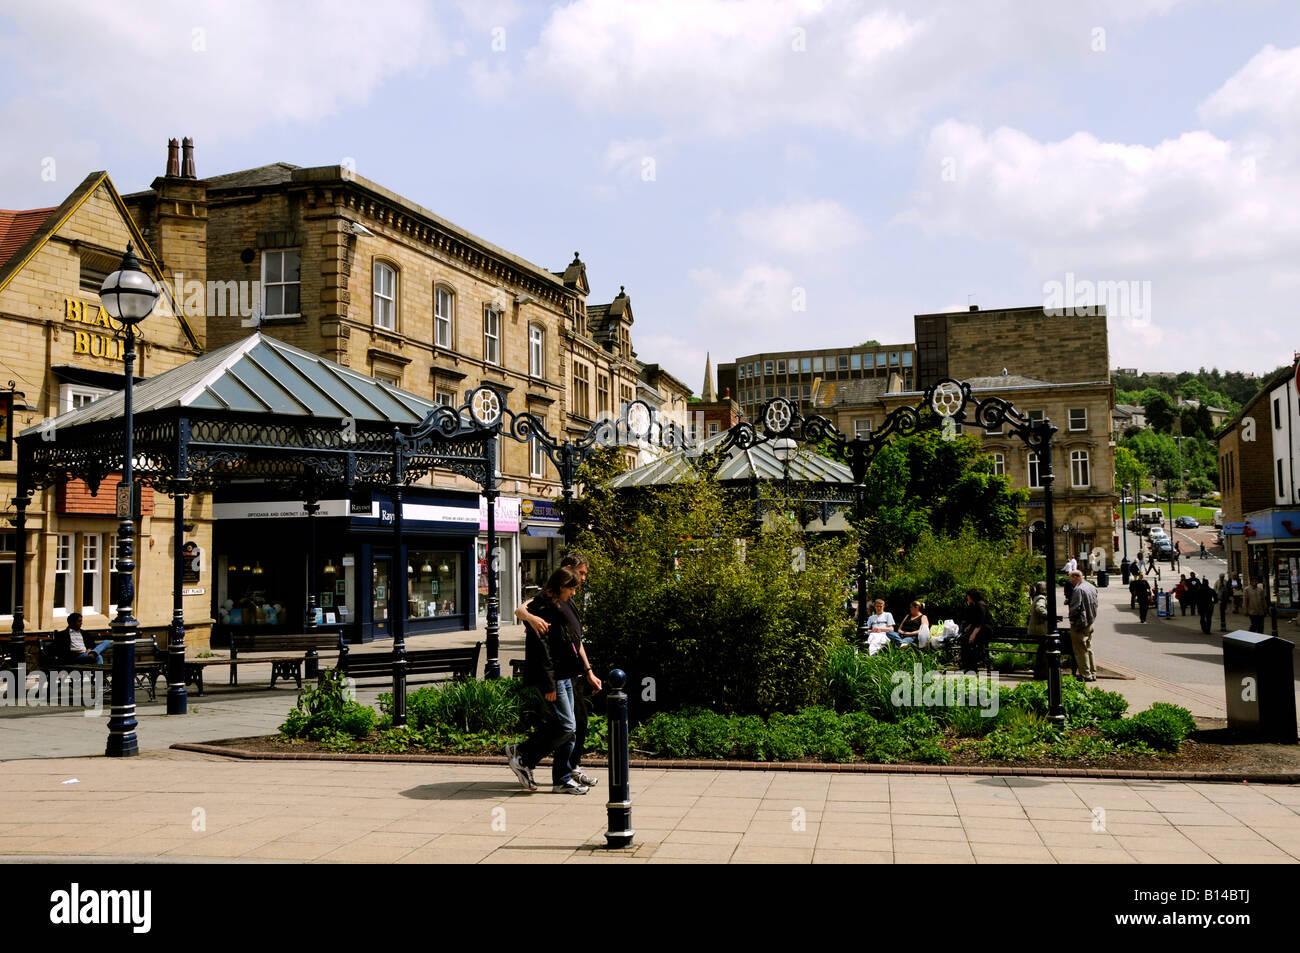 Market Place Dewsbury - Stock Image